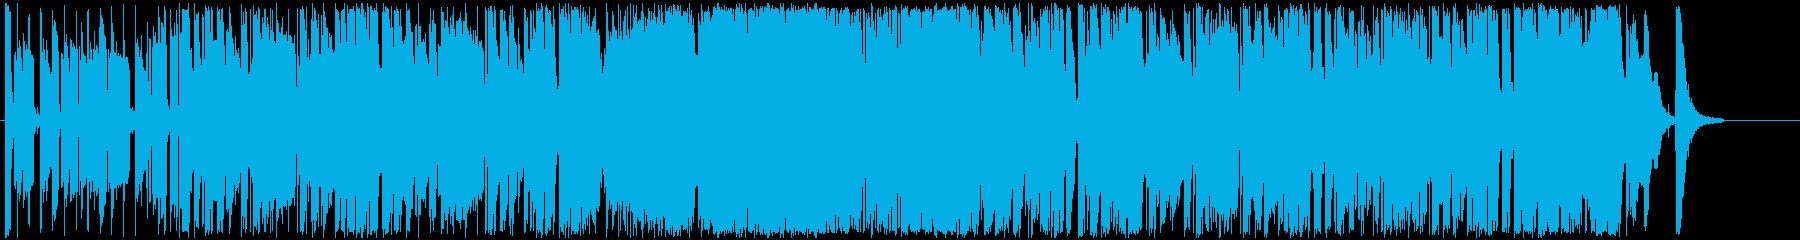 躍動感のあるエネルギッシュなBGMの再生済みの波形